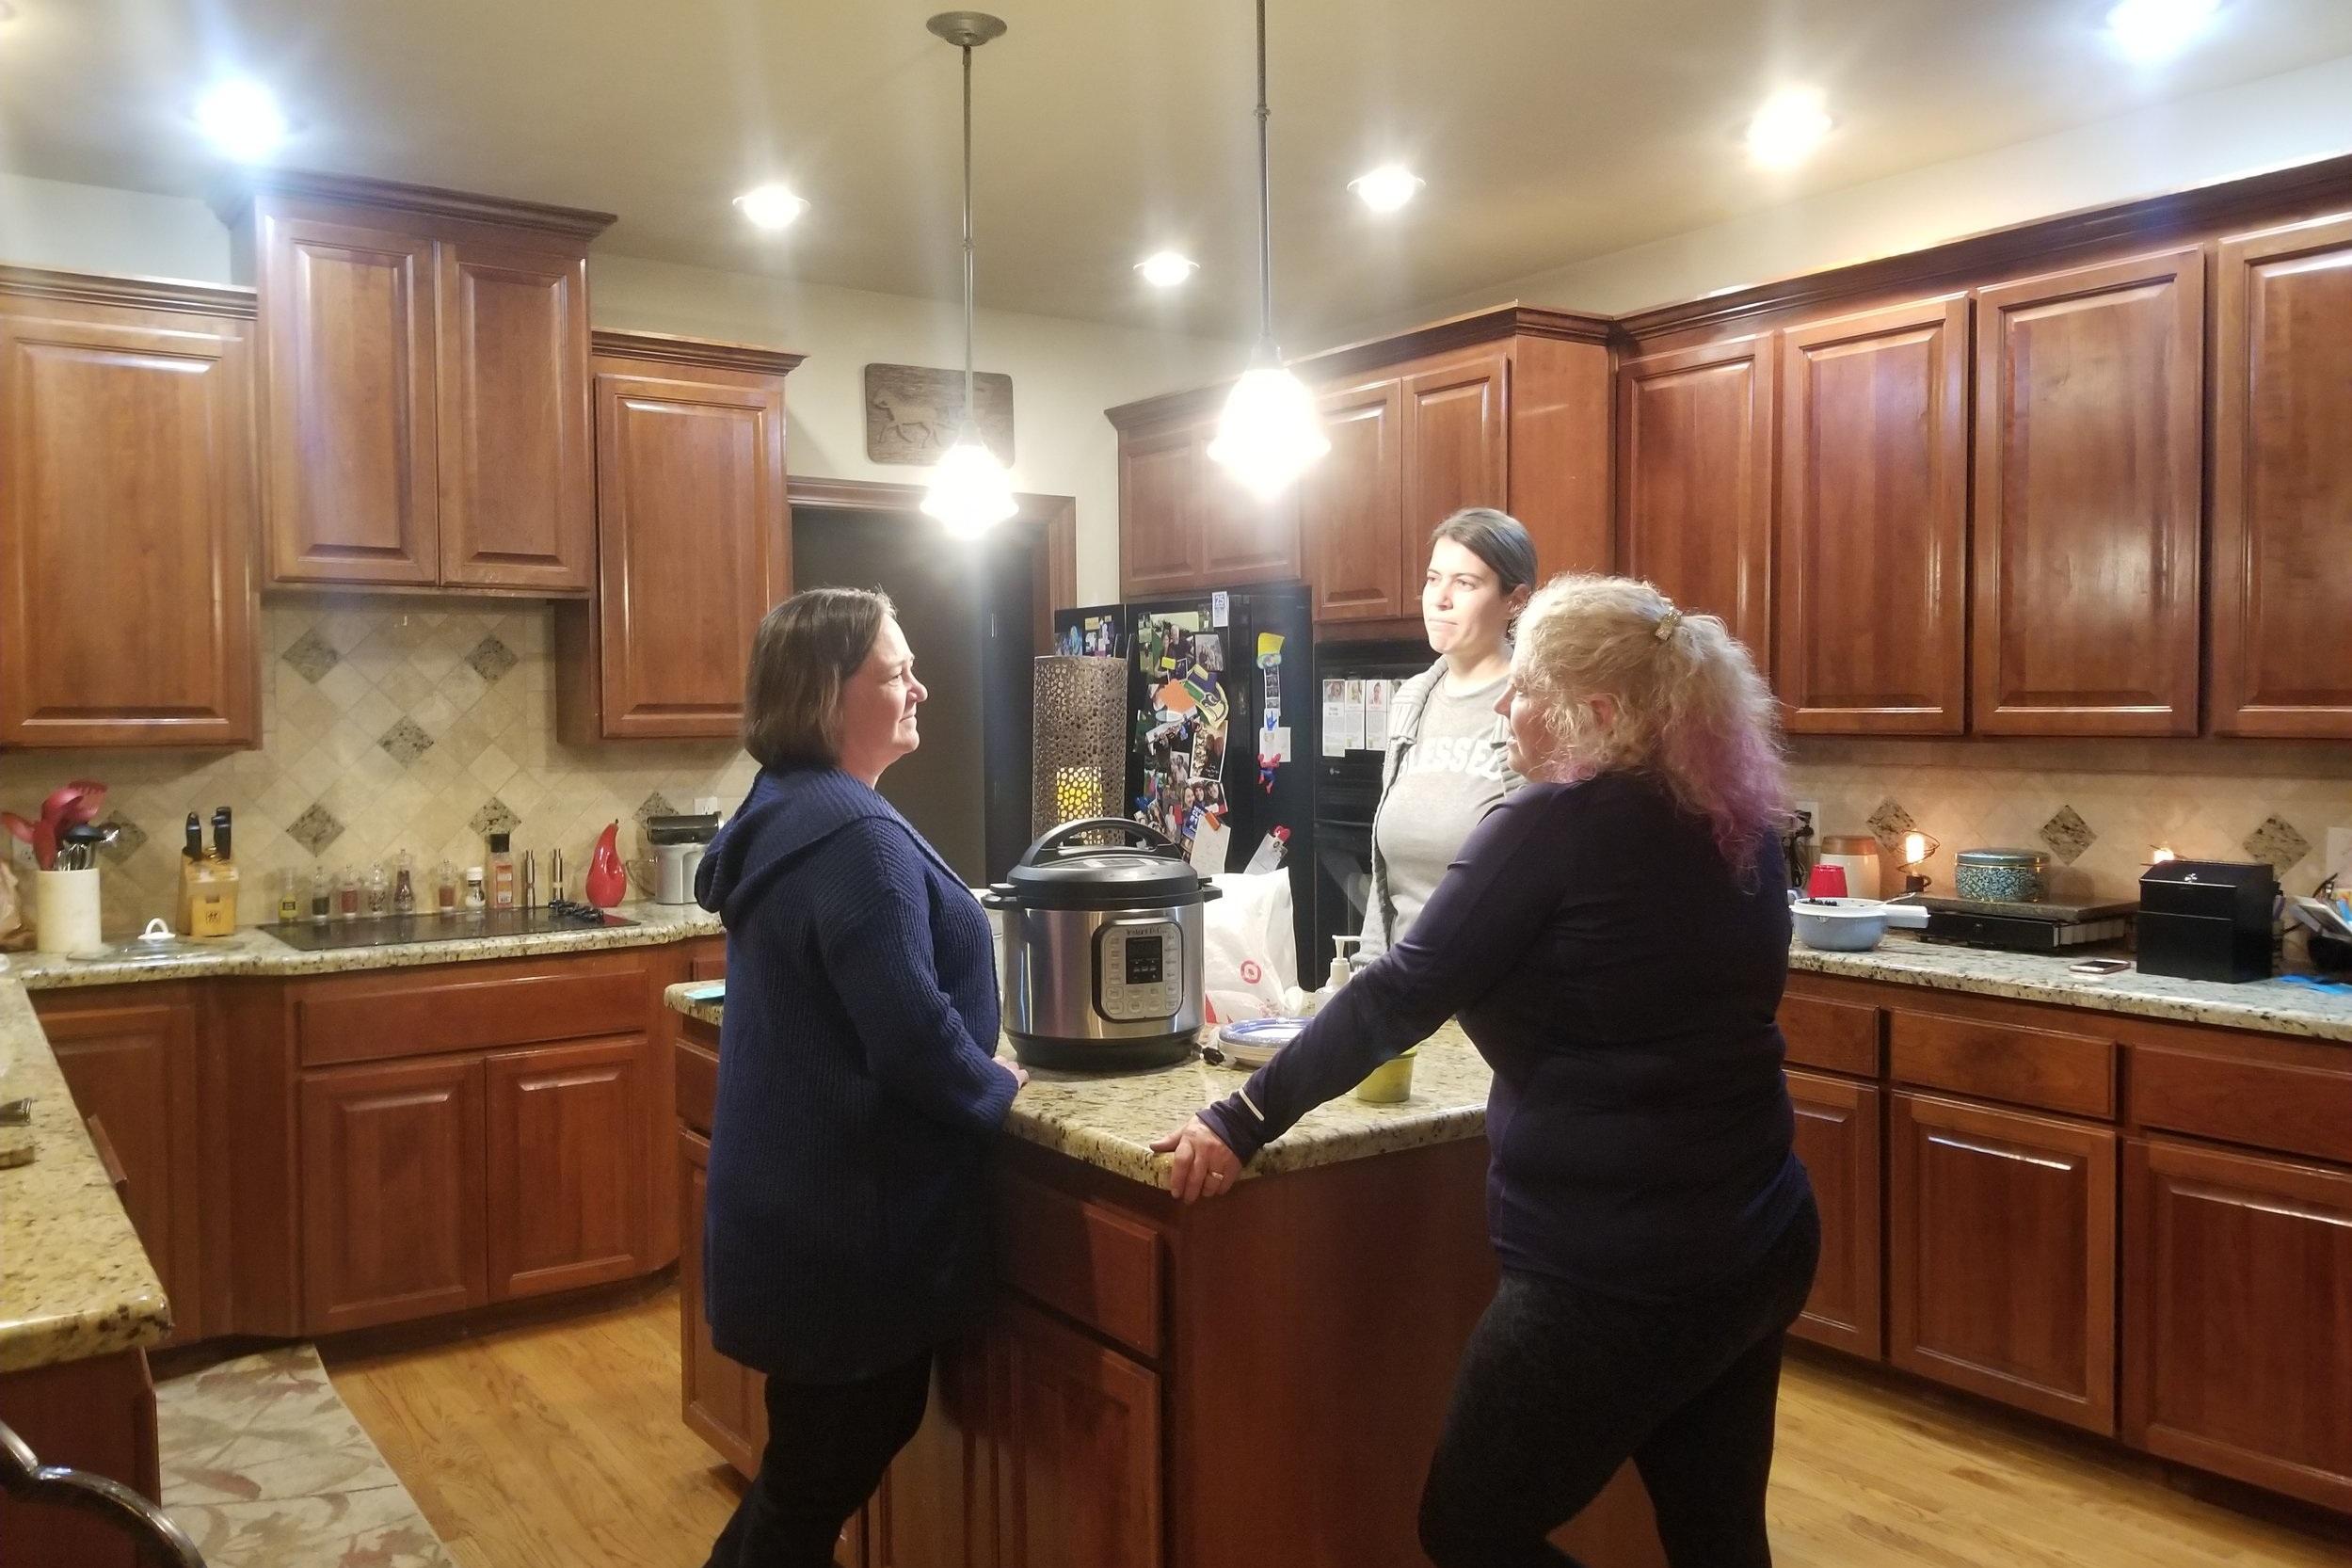 Ladies+in+Lackey+Kitchen.jpg